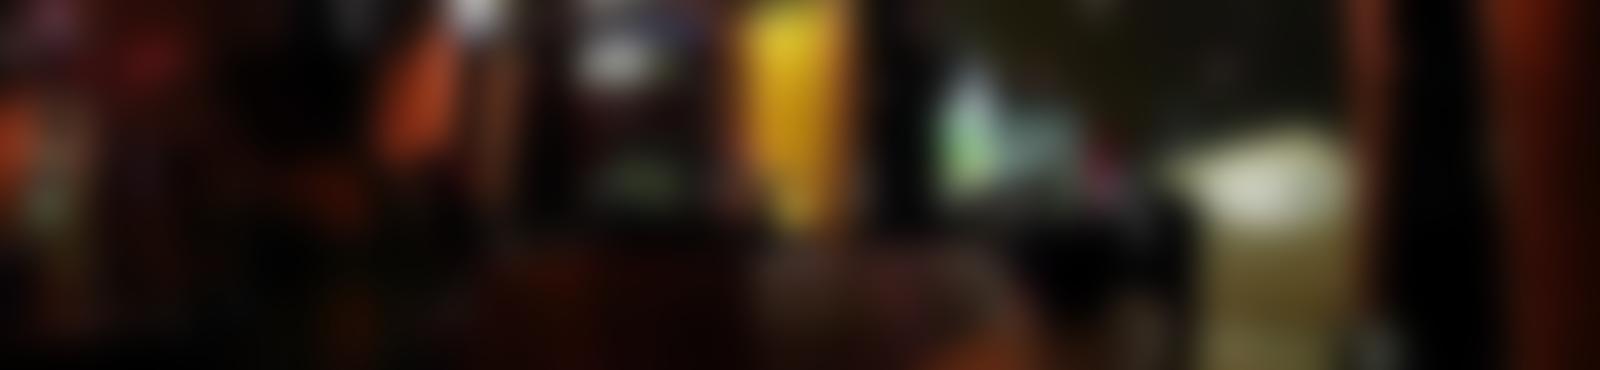 Blurred 3308c2a0 ffd9 479a 9957 5d656f3e72b9